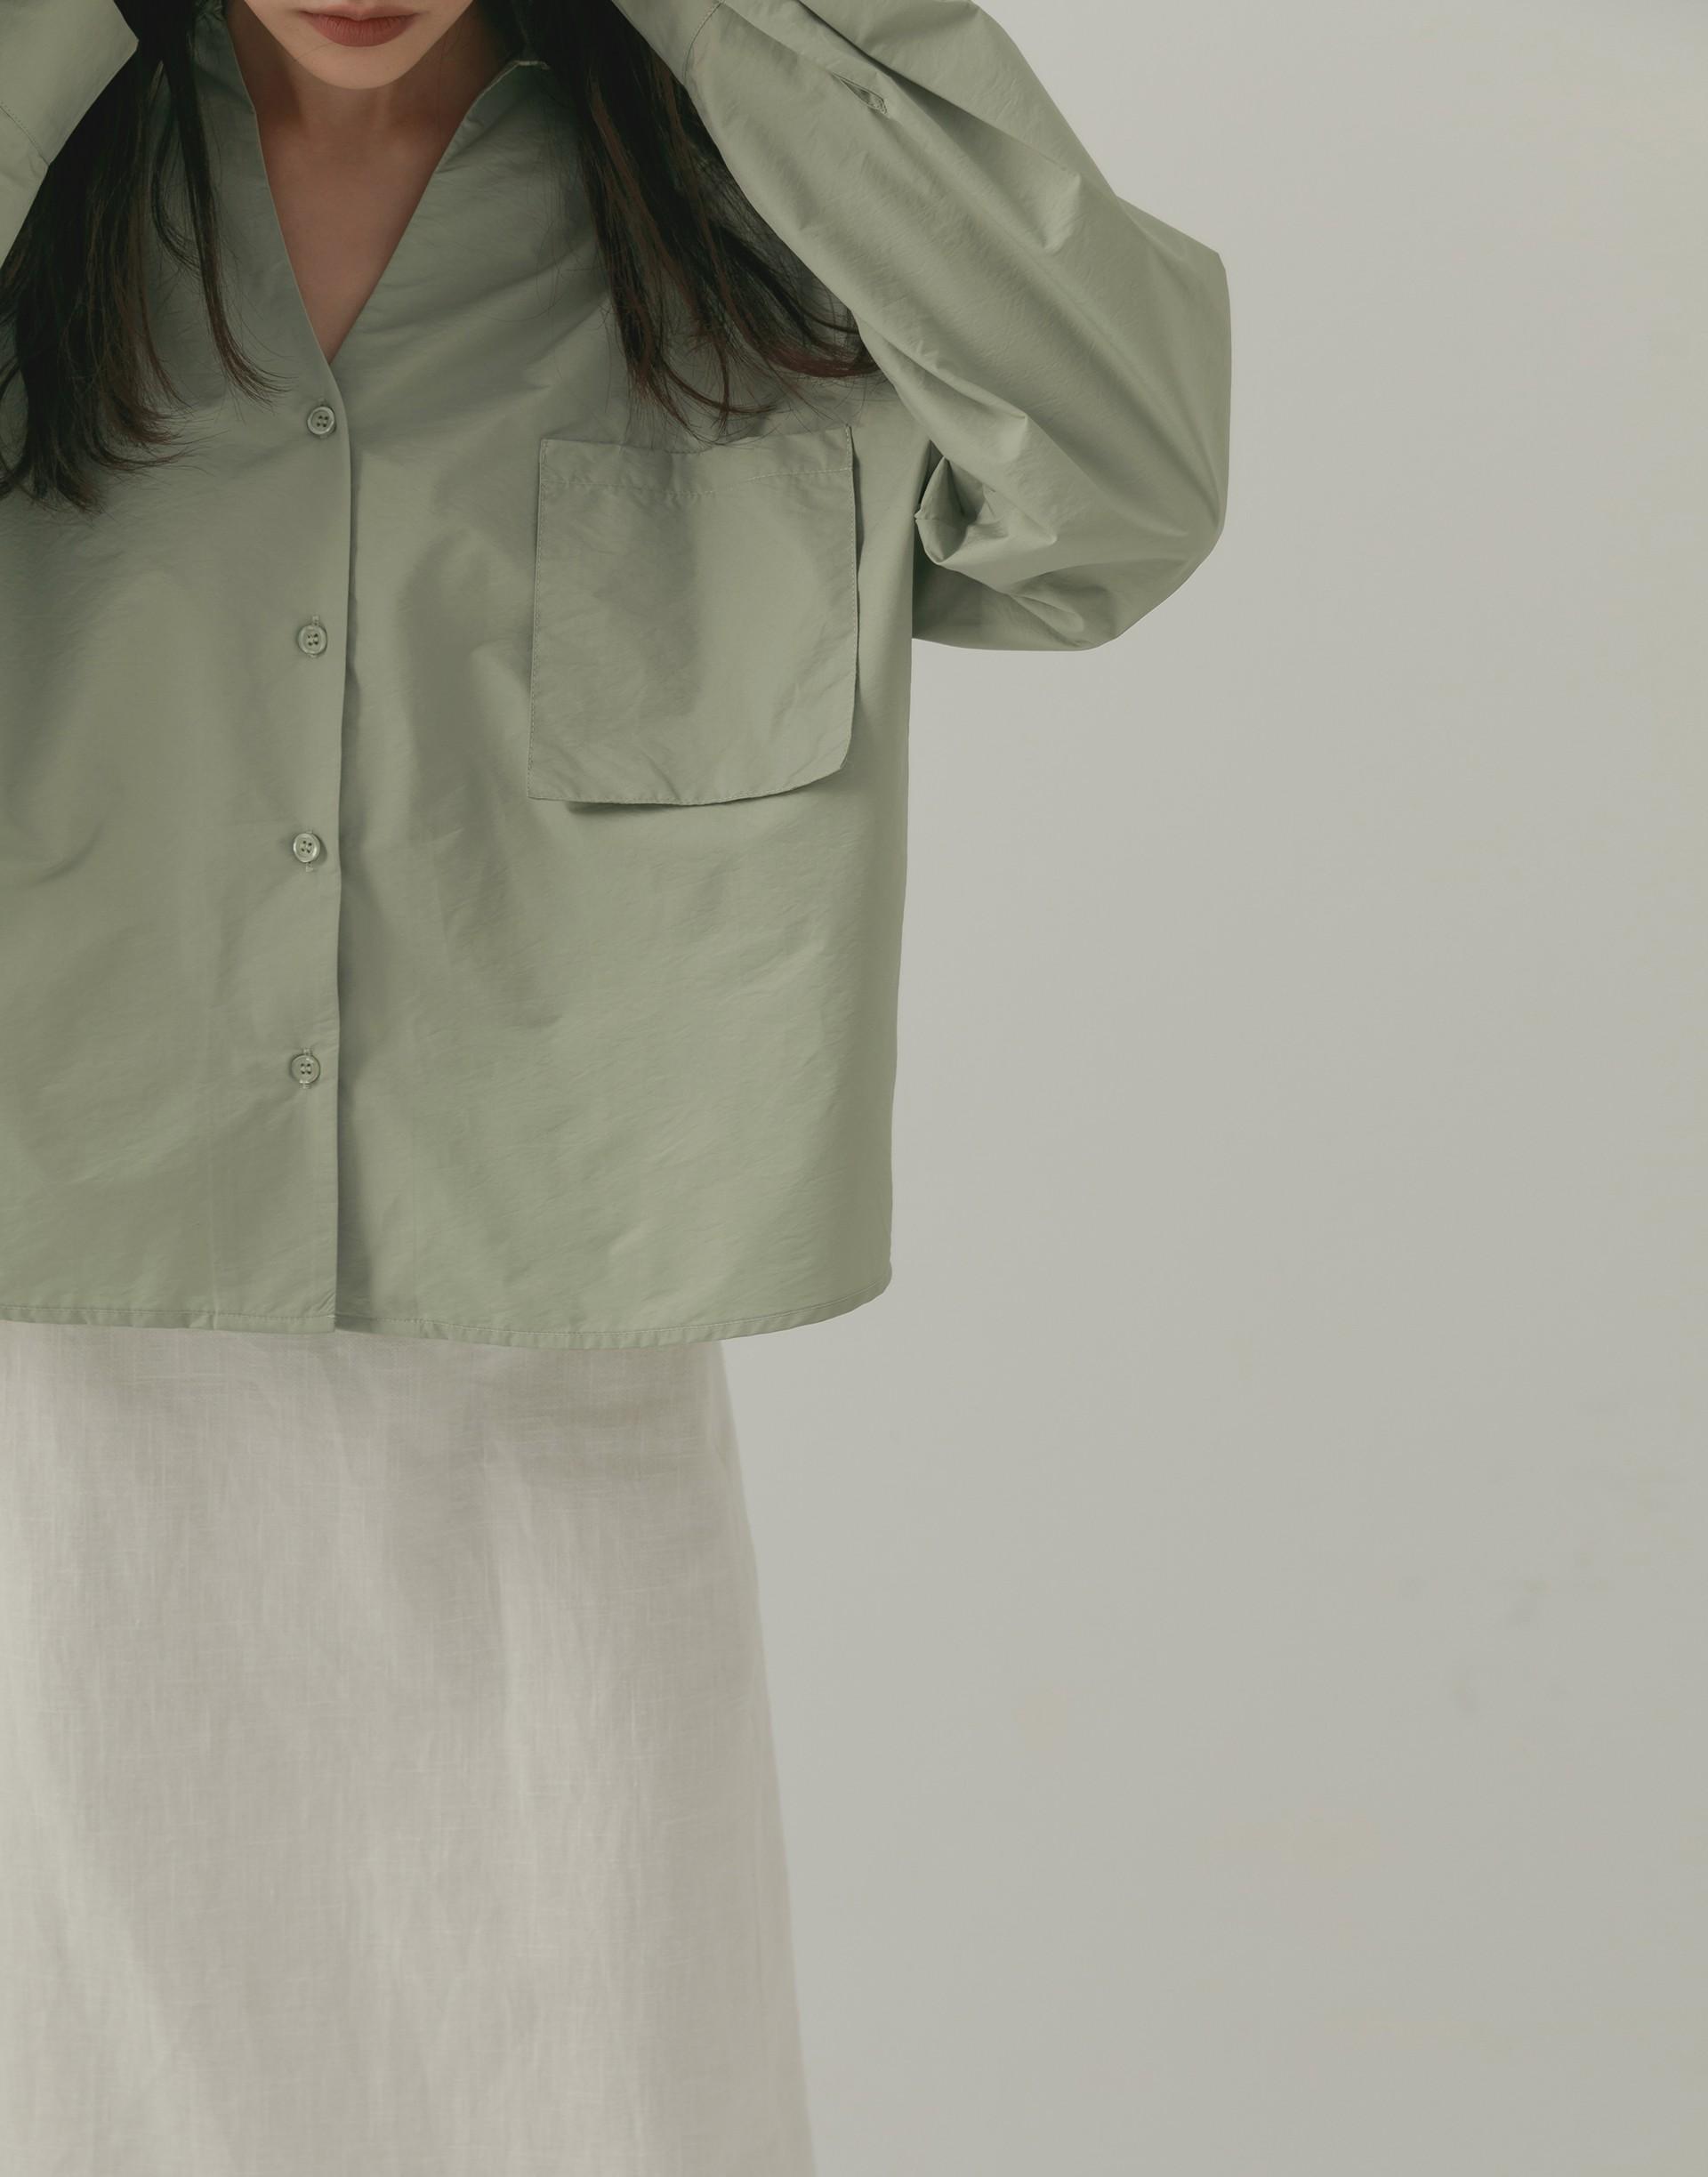 輕光澤質感口袋襯衫-女-Genquo